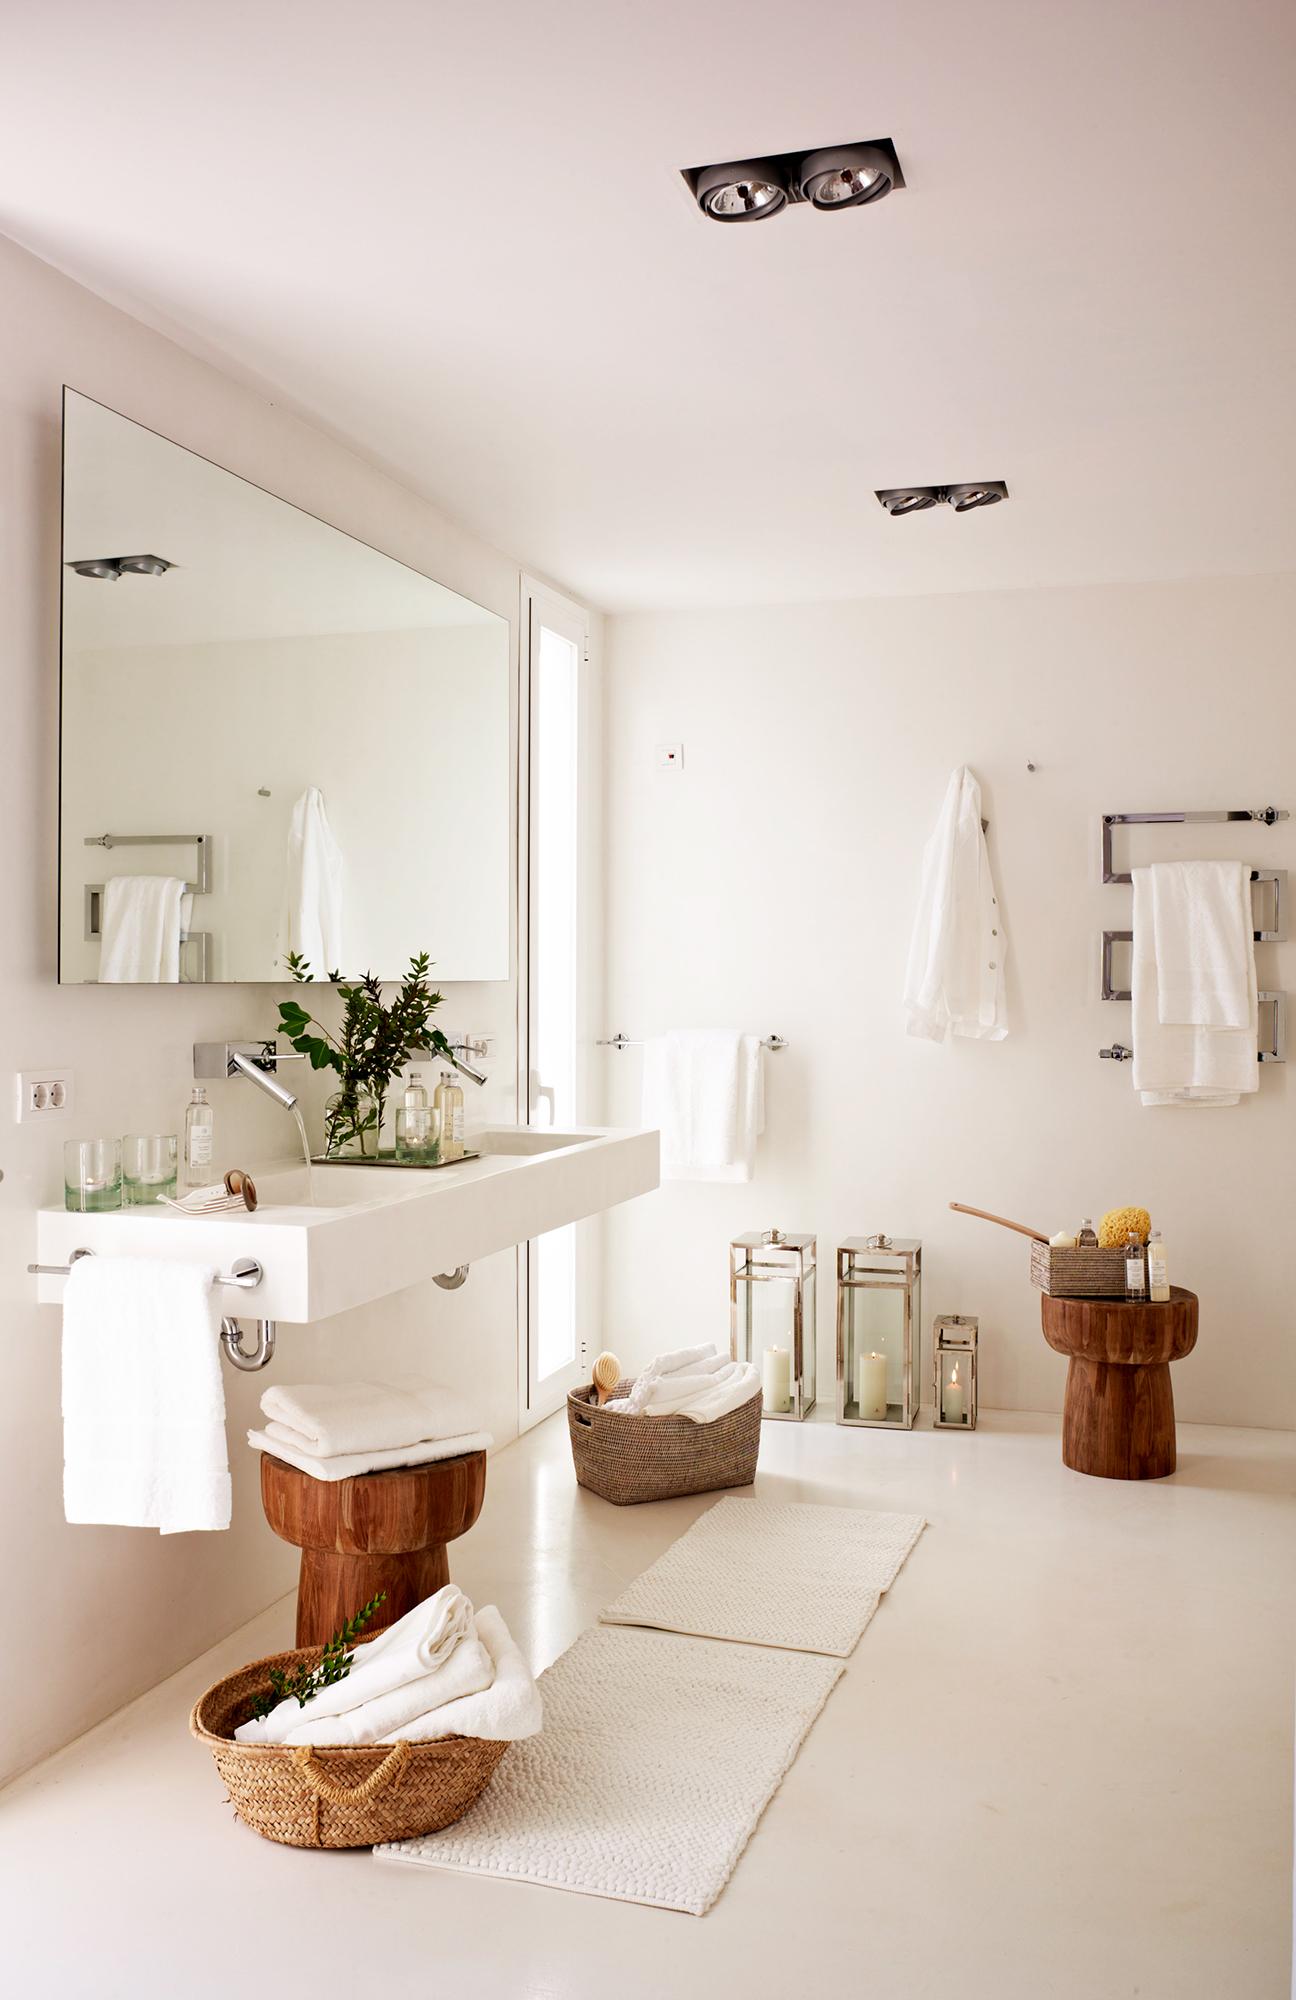 Radiadores toallero claves para acertar - Como decorar un bano pequeno moderno ...